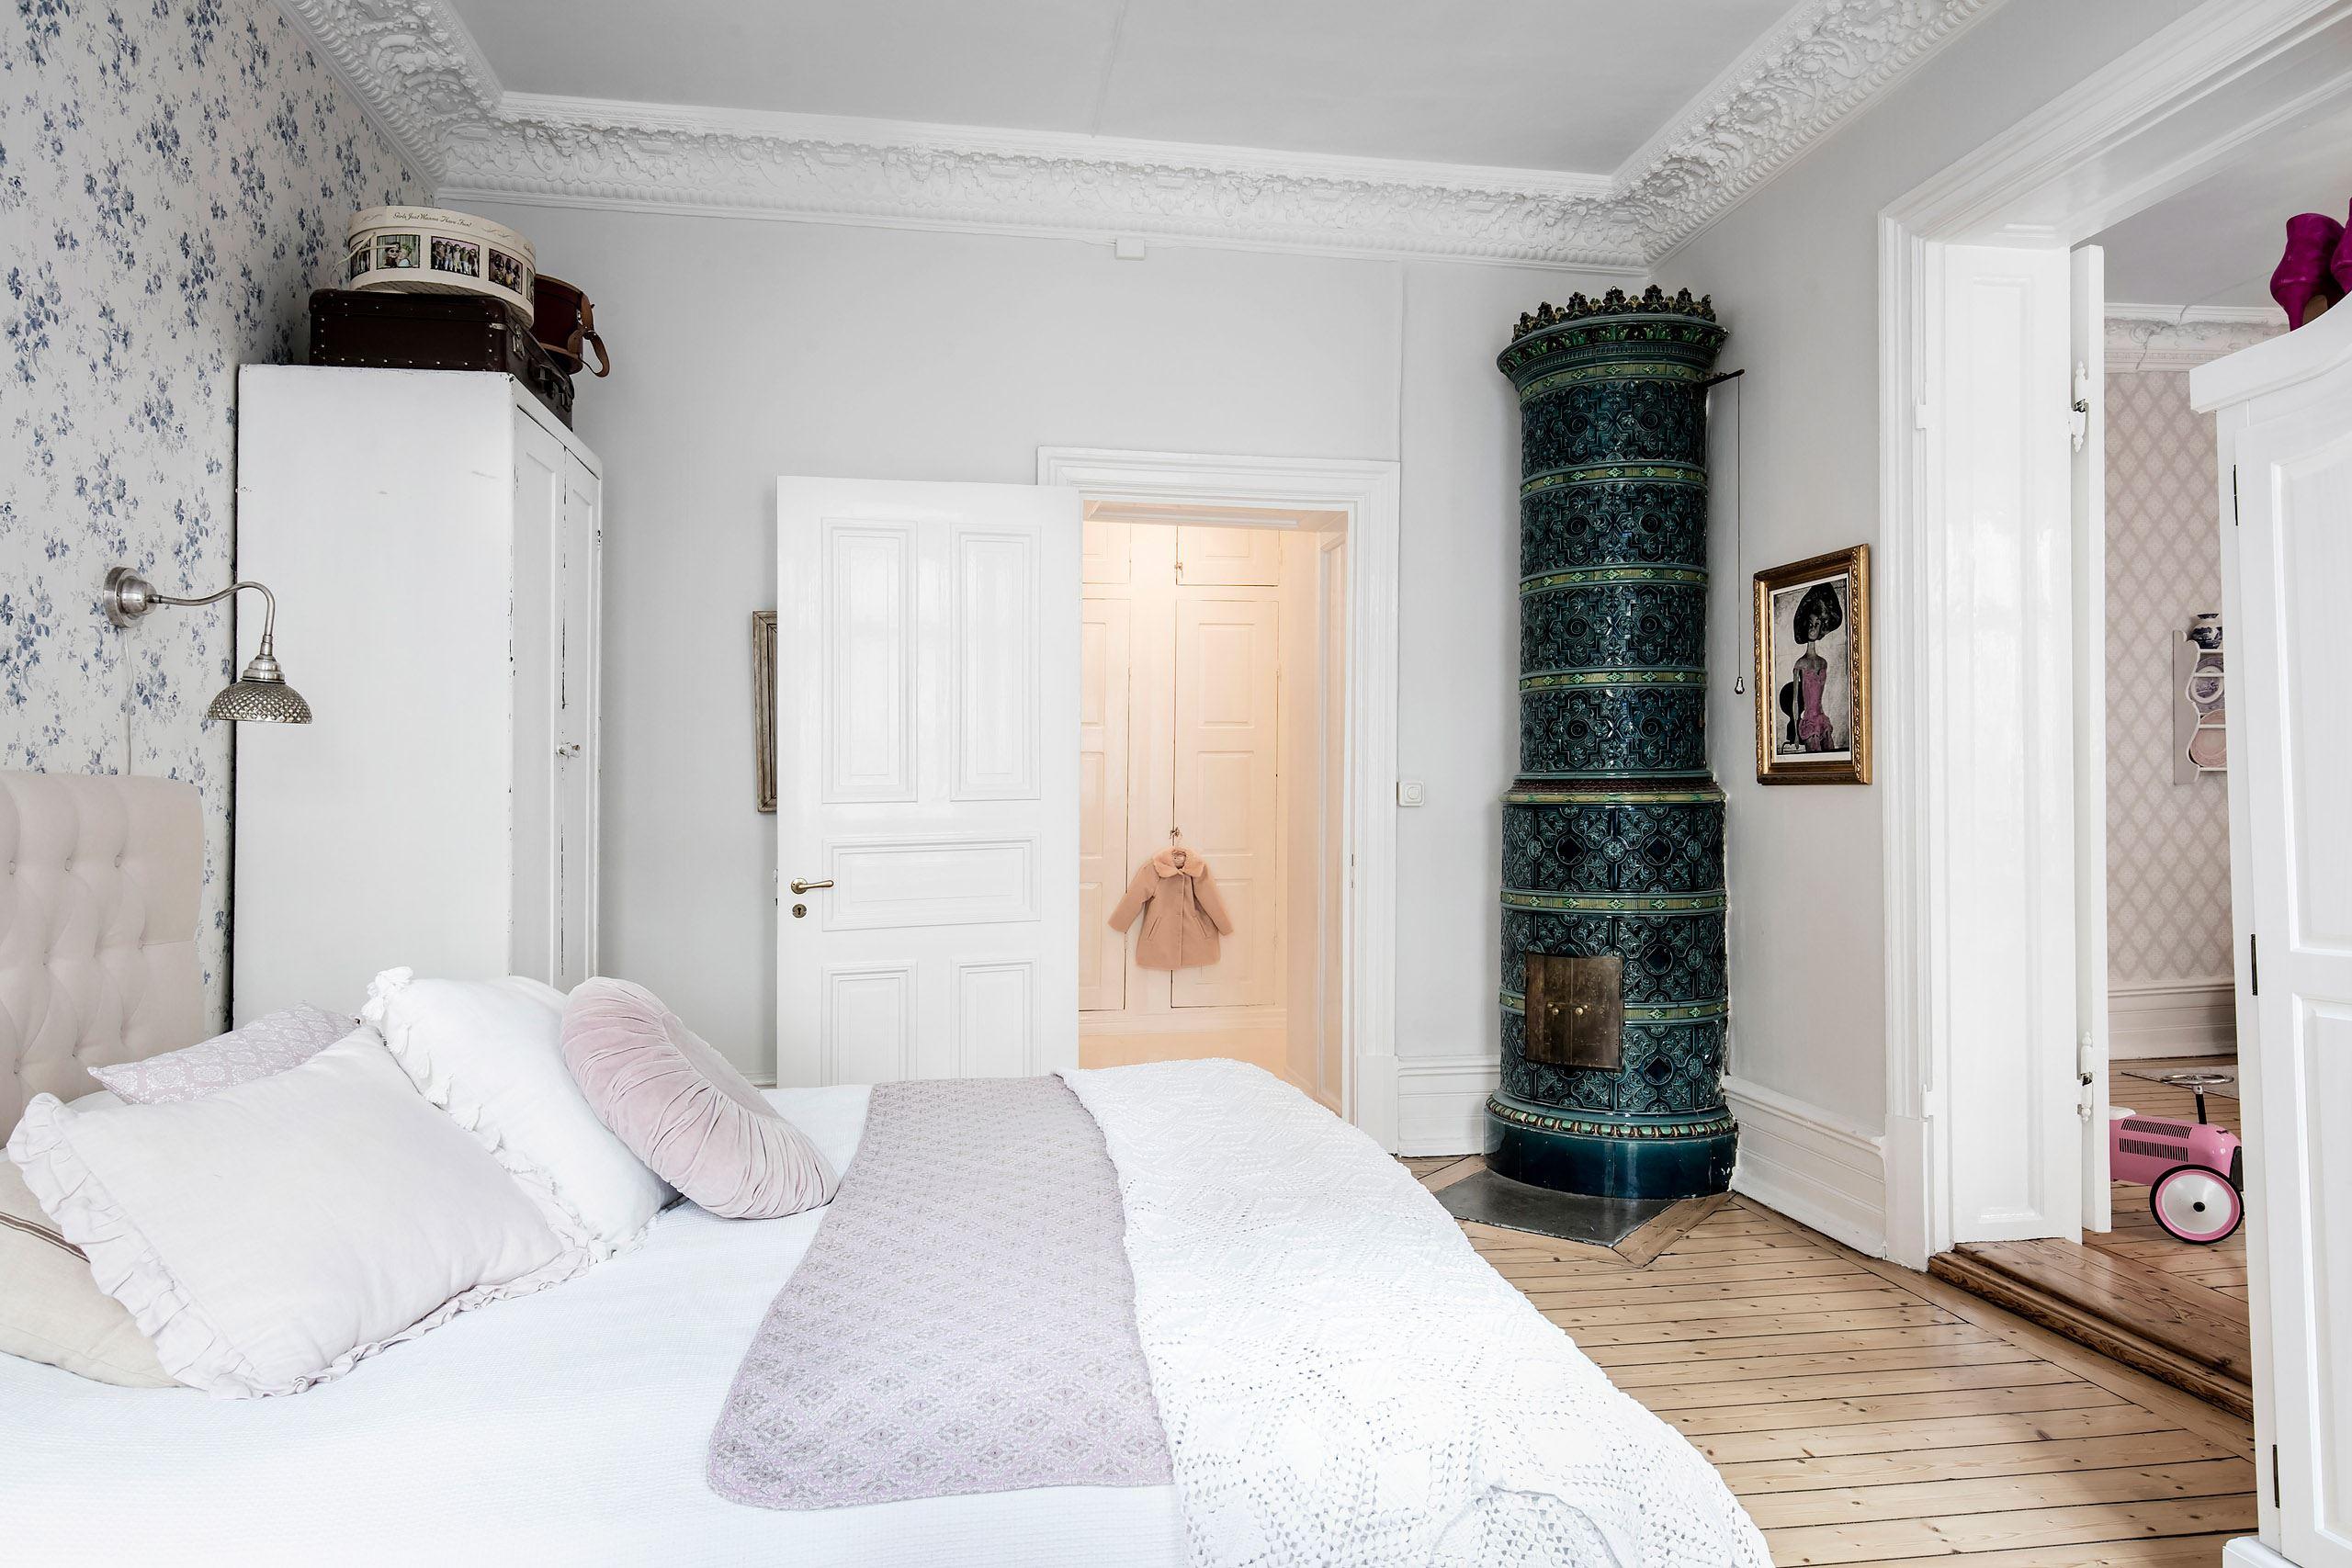 спальня лепнина потолочный карниз высокий плинтус кровать шкаф печь коридор встроенный шкаф